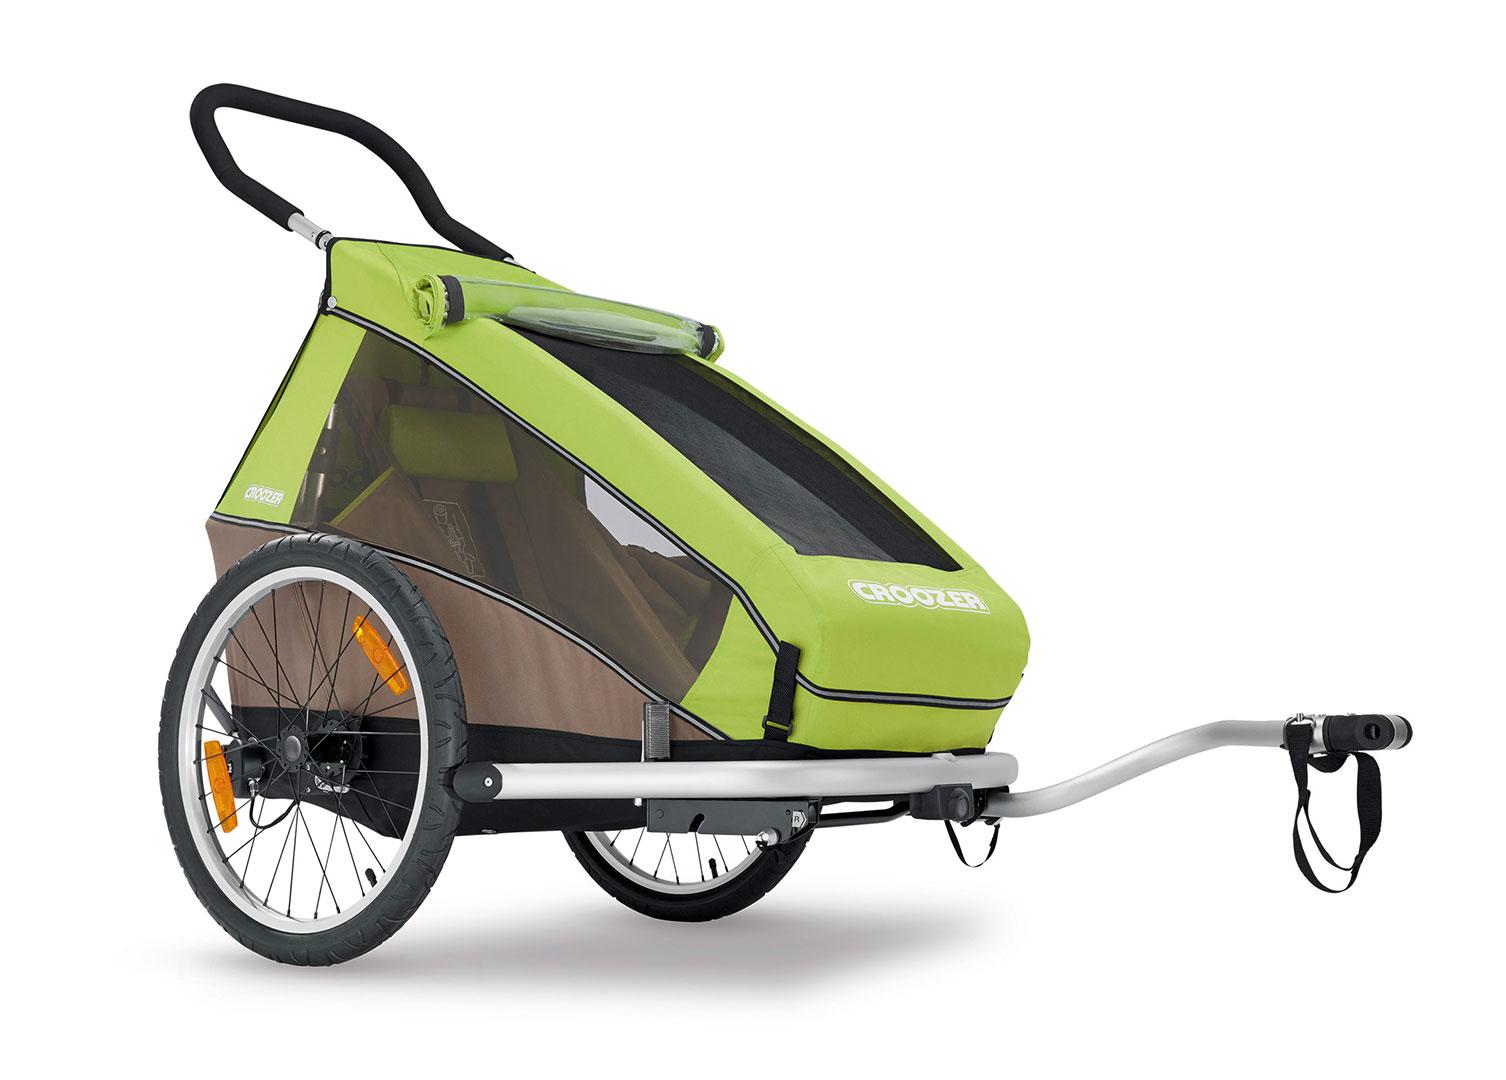 CROOZER KID FOR 1 Click & Crooz, 2016 - ZDARMA dopravné (Cyklovozík CROOZER KID FOR 1 Click & Crooz, model 2016, barva zelená, bez odpružení)